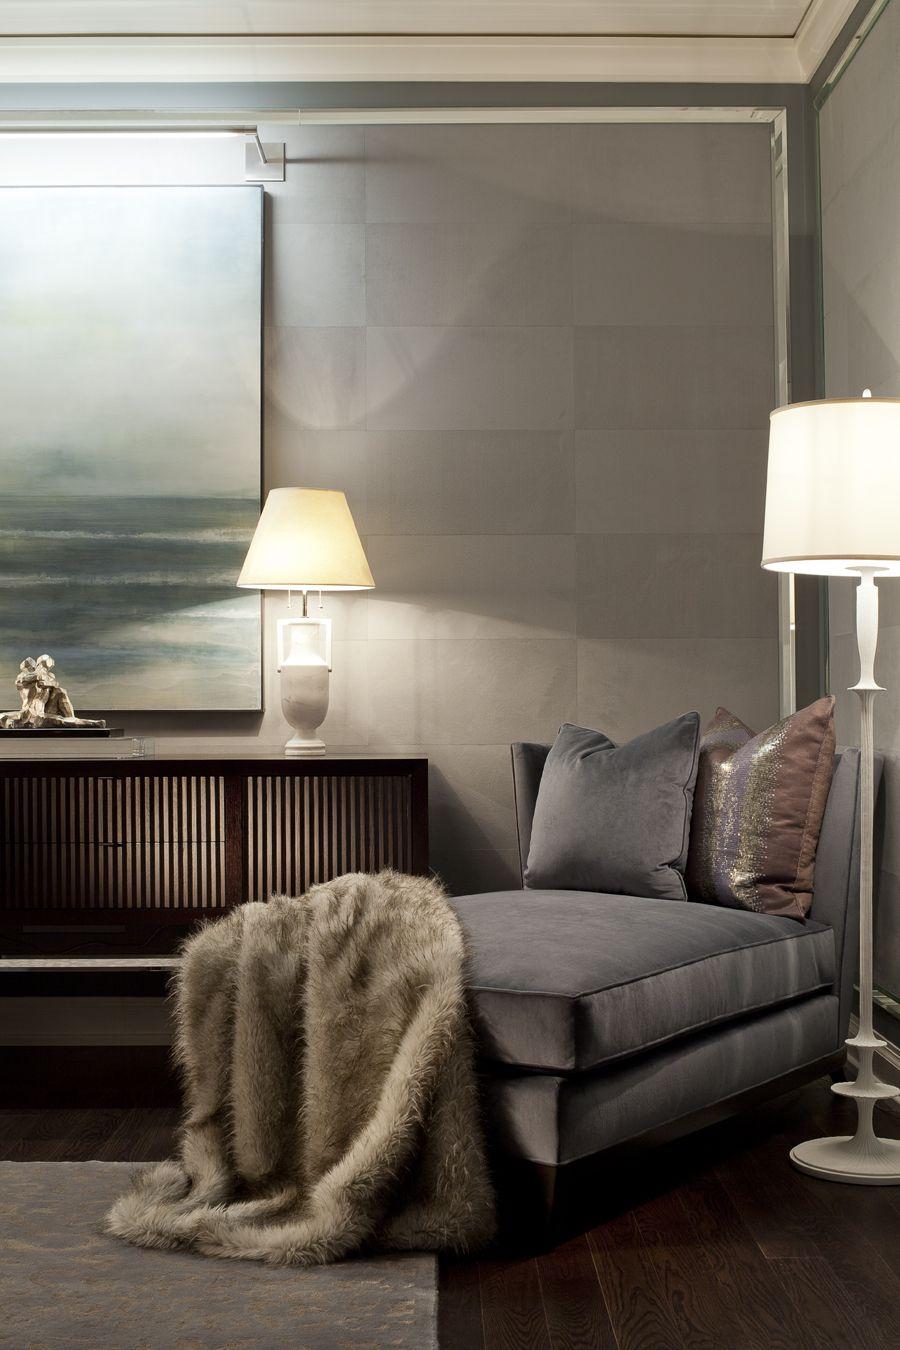 Chicago Interior Designers | Chicago Interior Design Firm | Interior  Decorator | Lounge | Lighting |